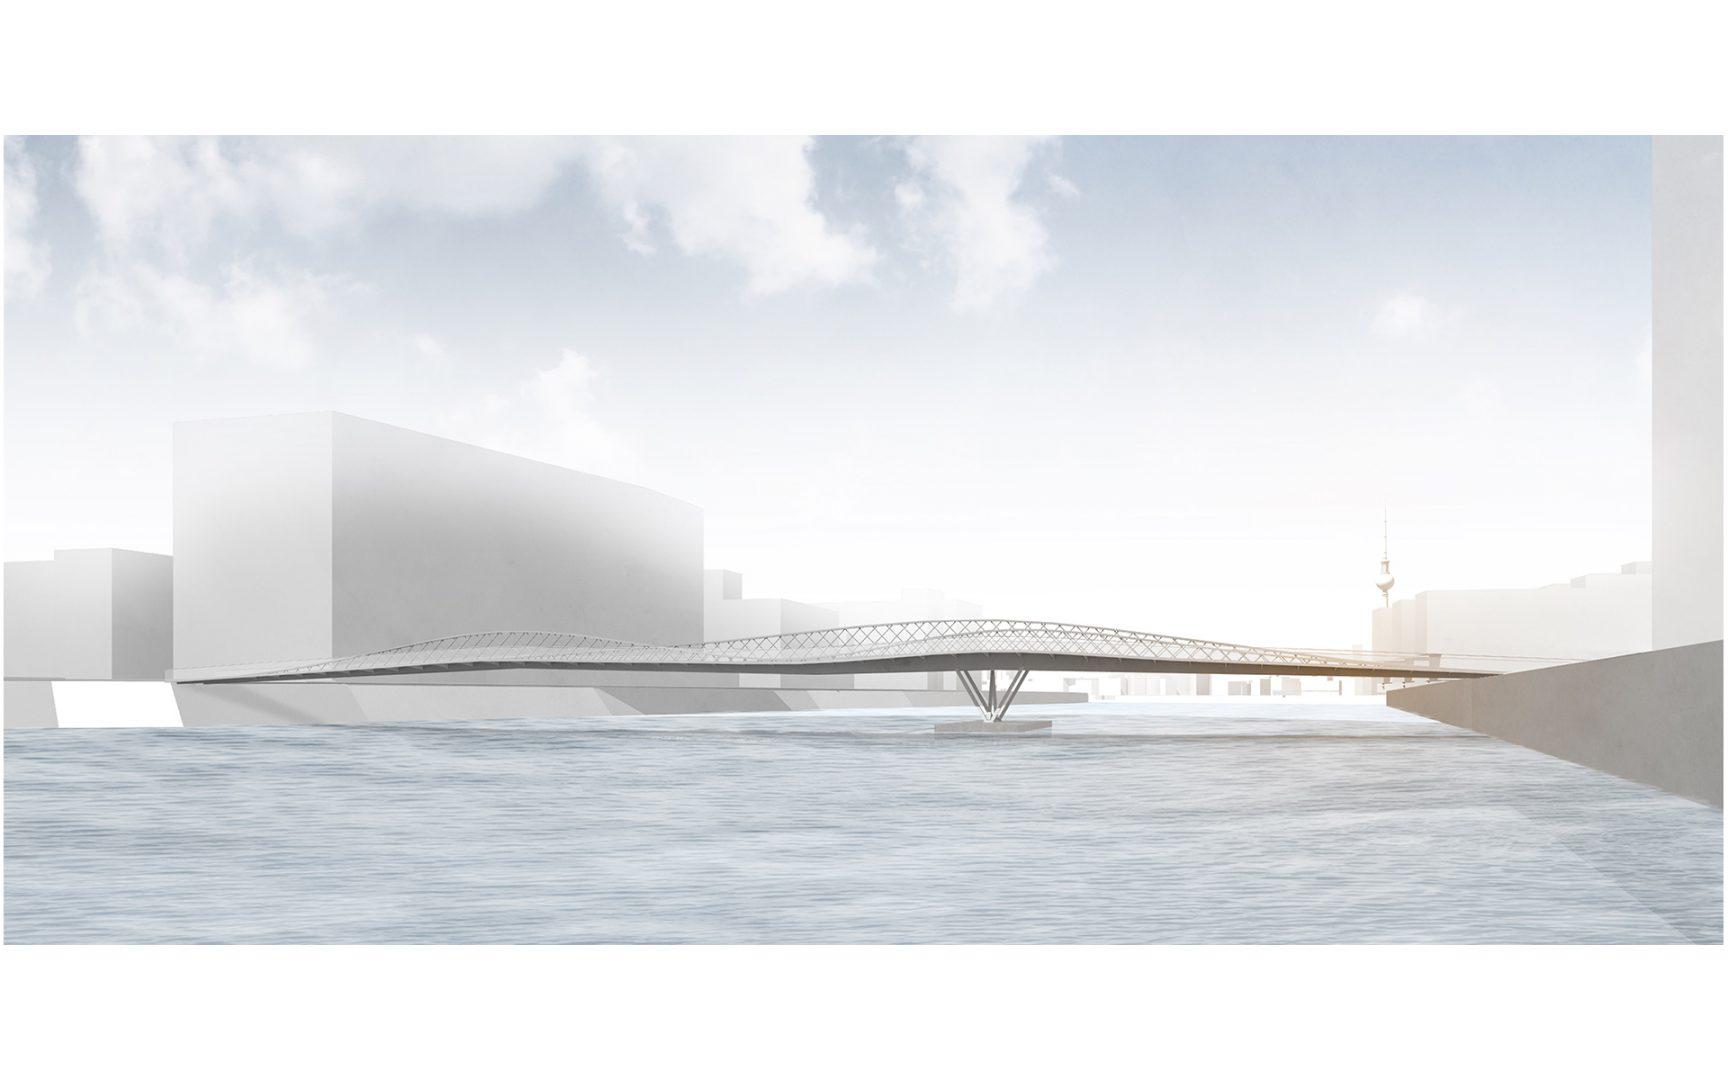 Neue Brommybrücke, Berlin | Sauerzapfe Architekten